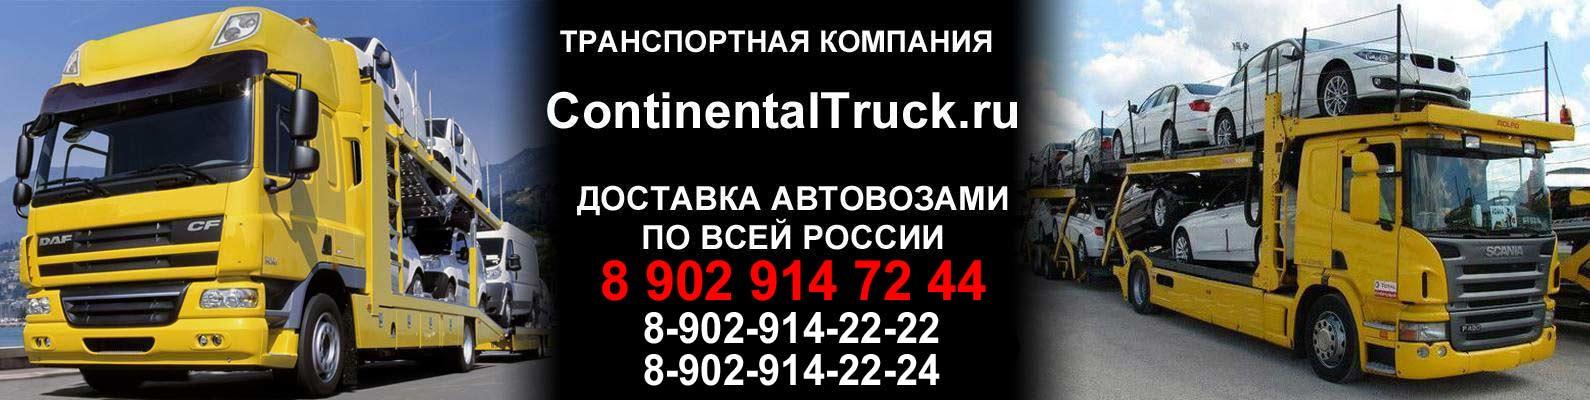 ContinentalTruck.ru - Доставка Автовозами по России